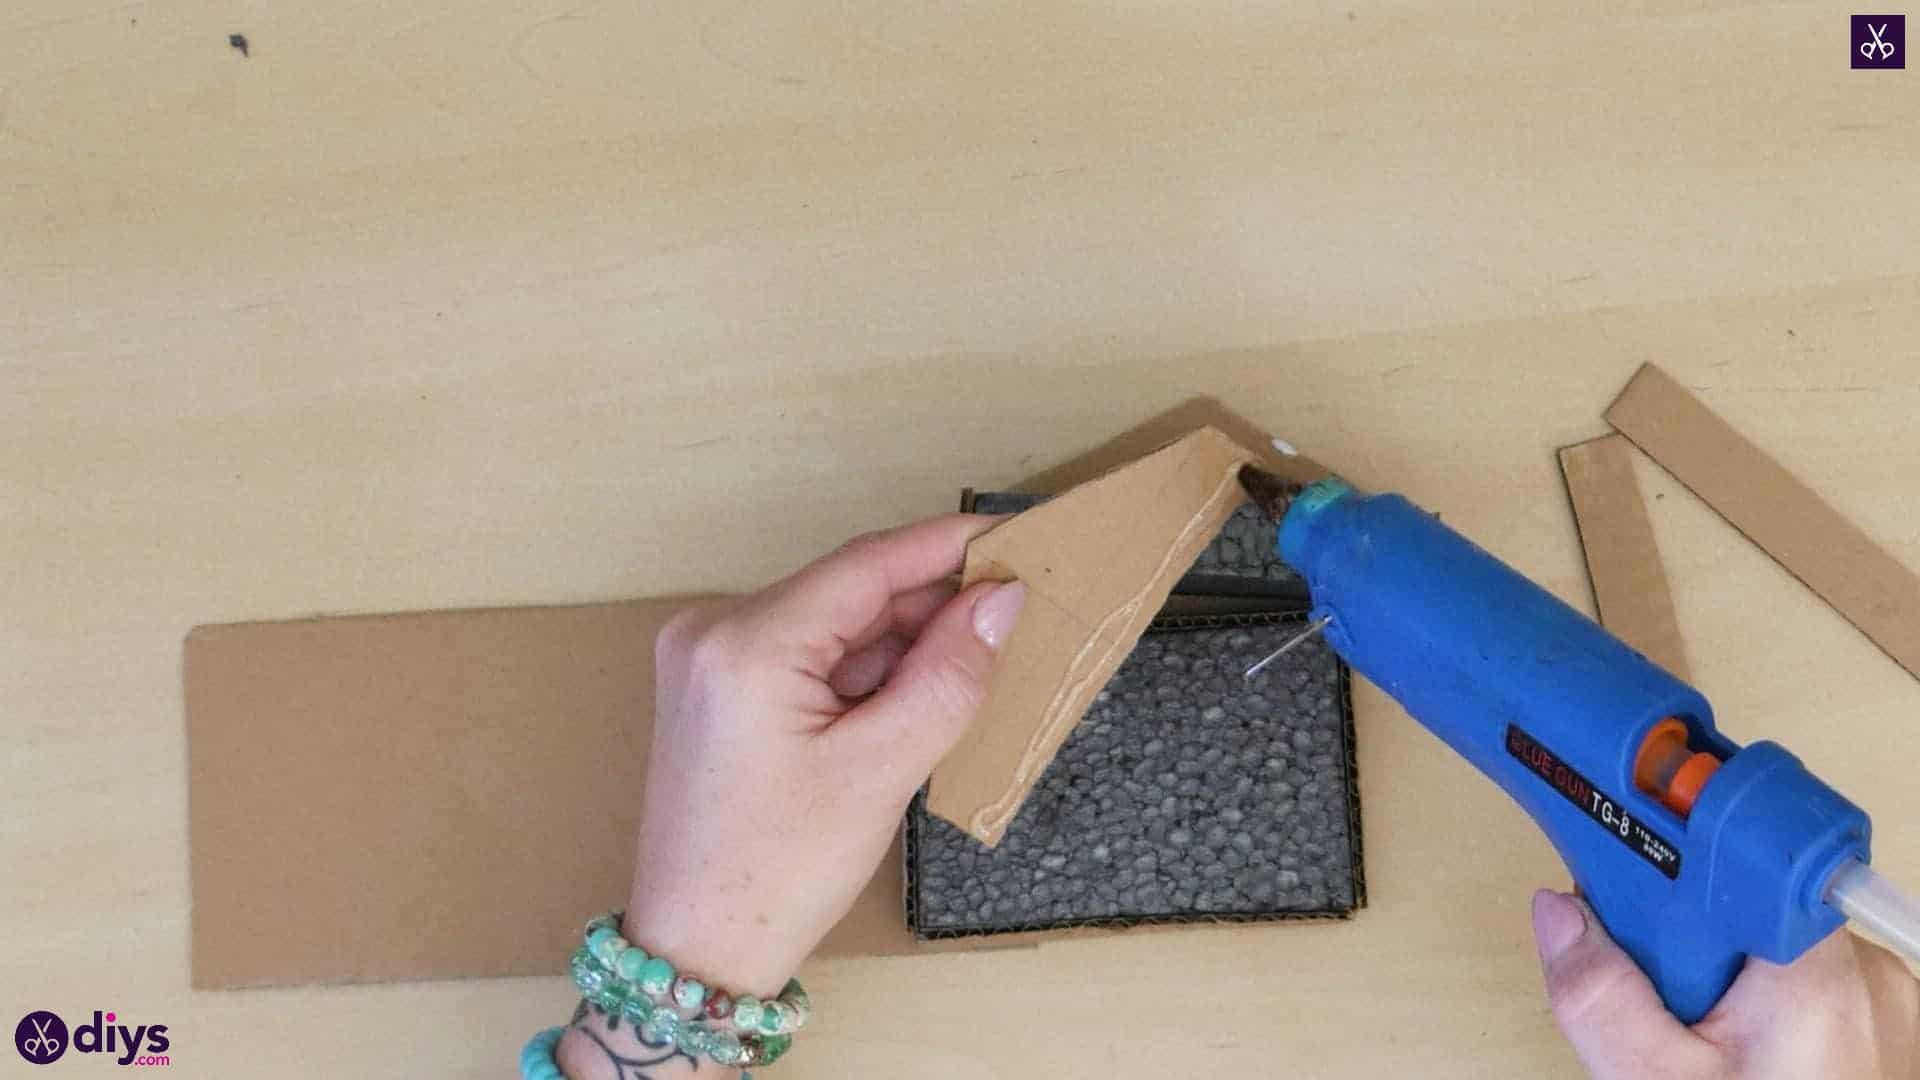 Diy miniature cage centerpiece step 5r